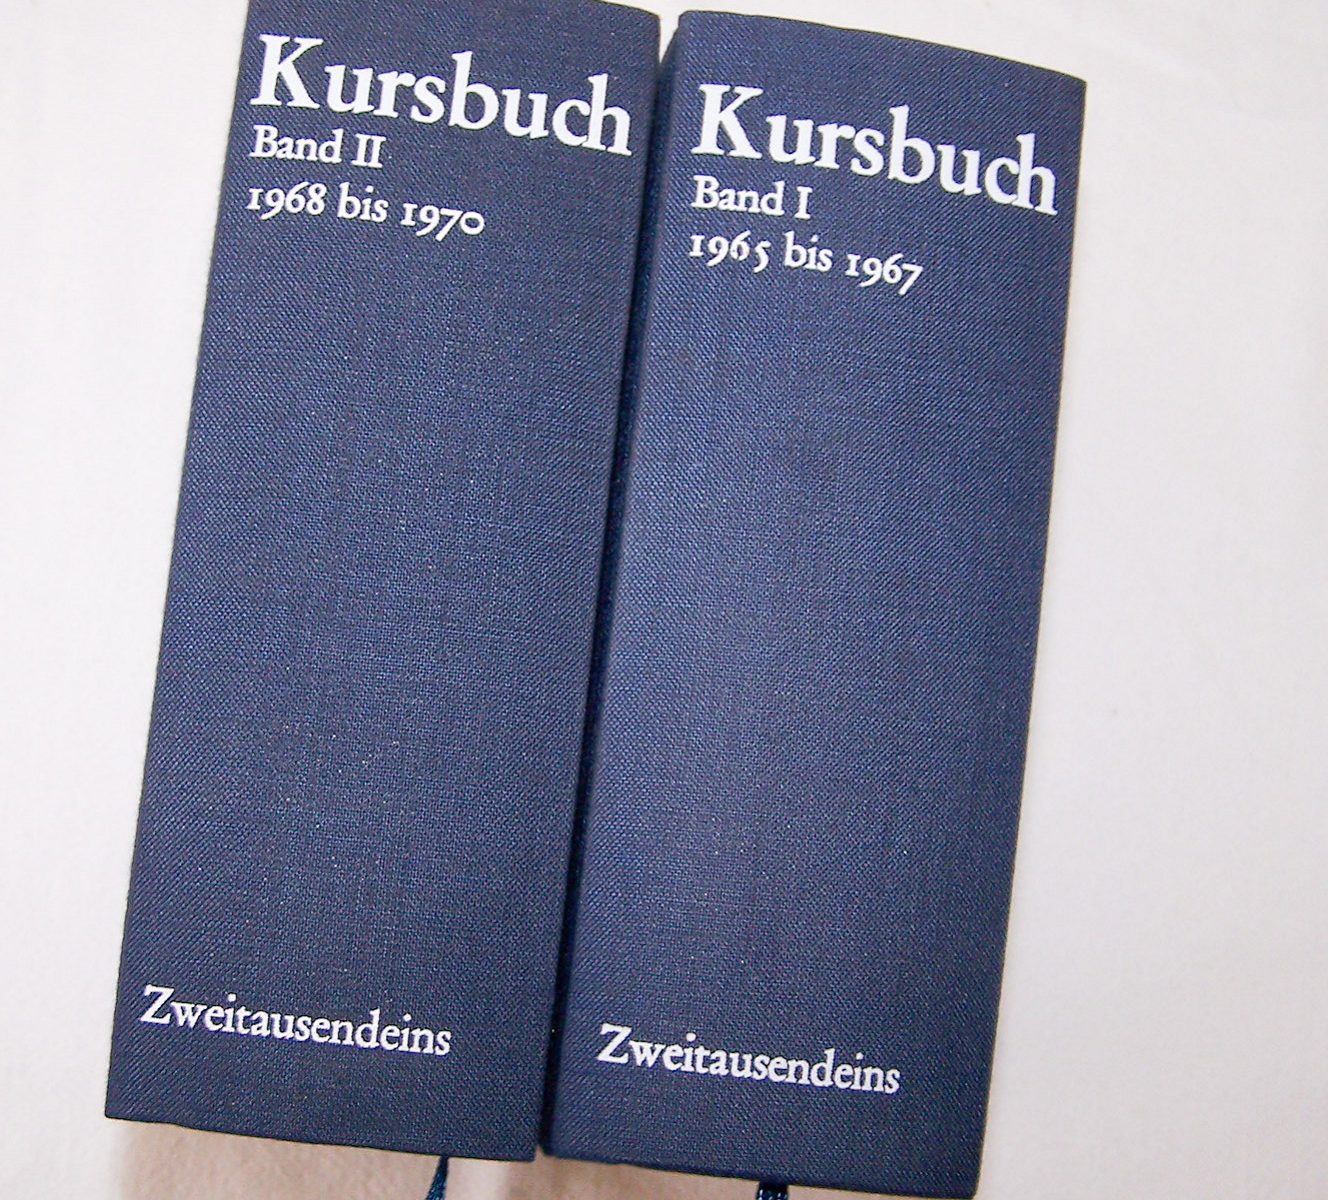 Literatur - Sachbücher - Hans Magnus Enzensberger (Hrsg.): Kursbuch 1 - 10 und 11 - 20, zwei Bände